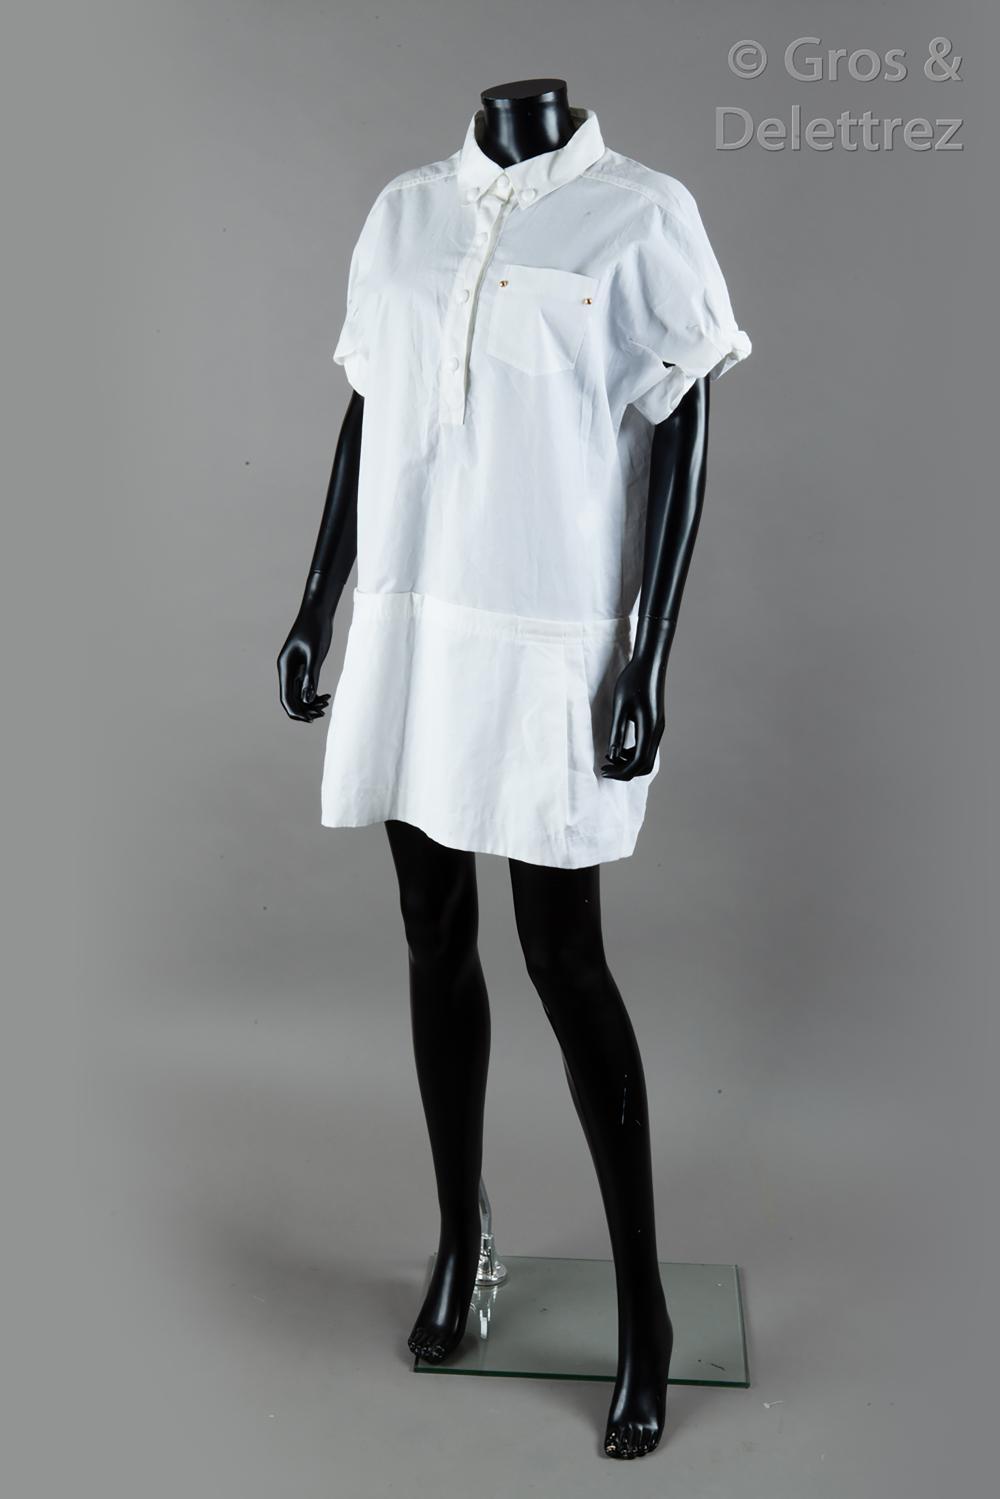 Louis VUITTON par Marc Jacobs - Collection Printemps/Eté 2012